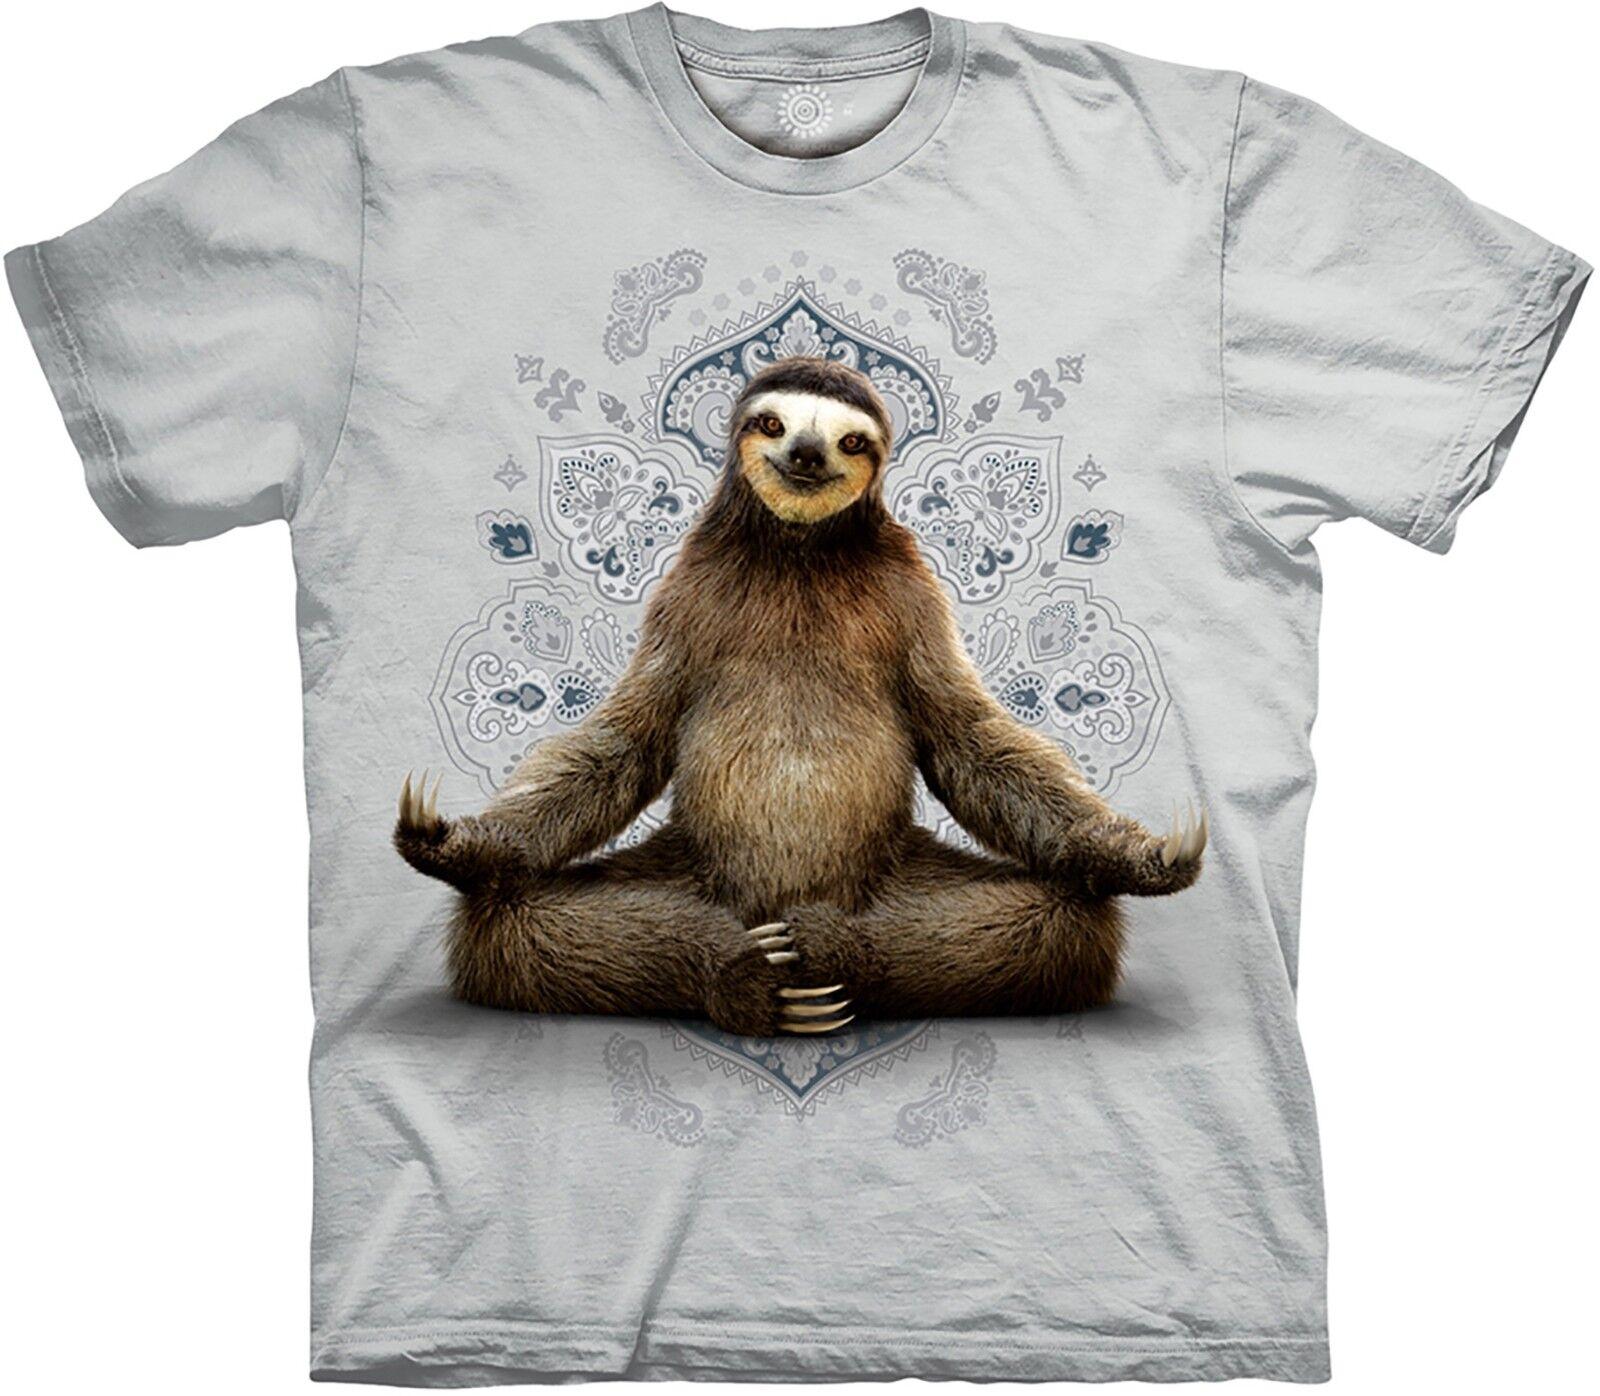 The Mountain Adult Vriksasana Sloth Grau Yoga Animal T Shirt